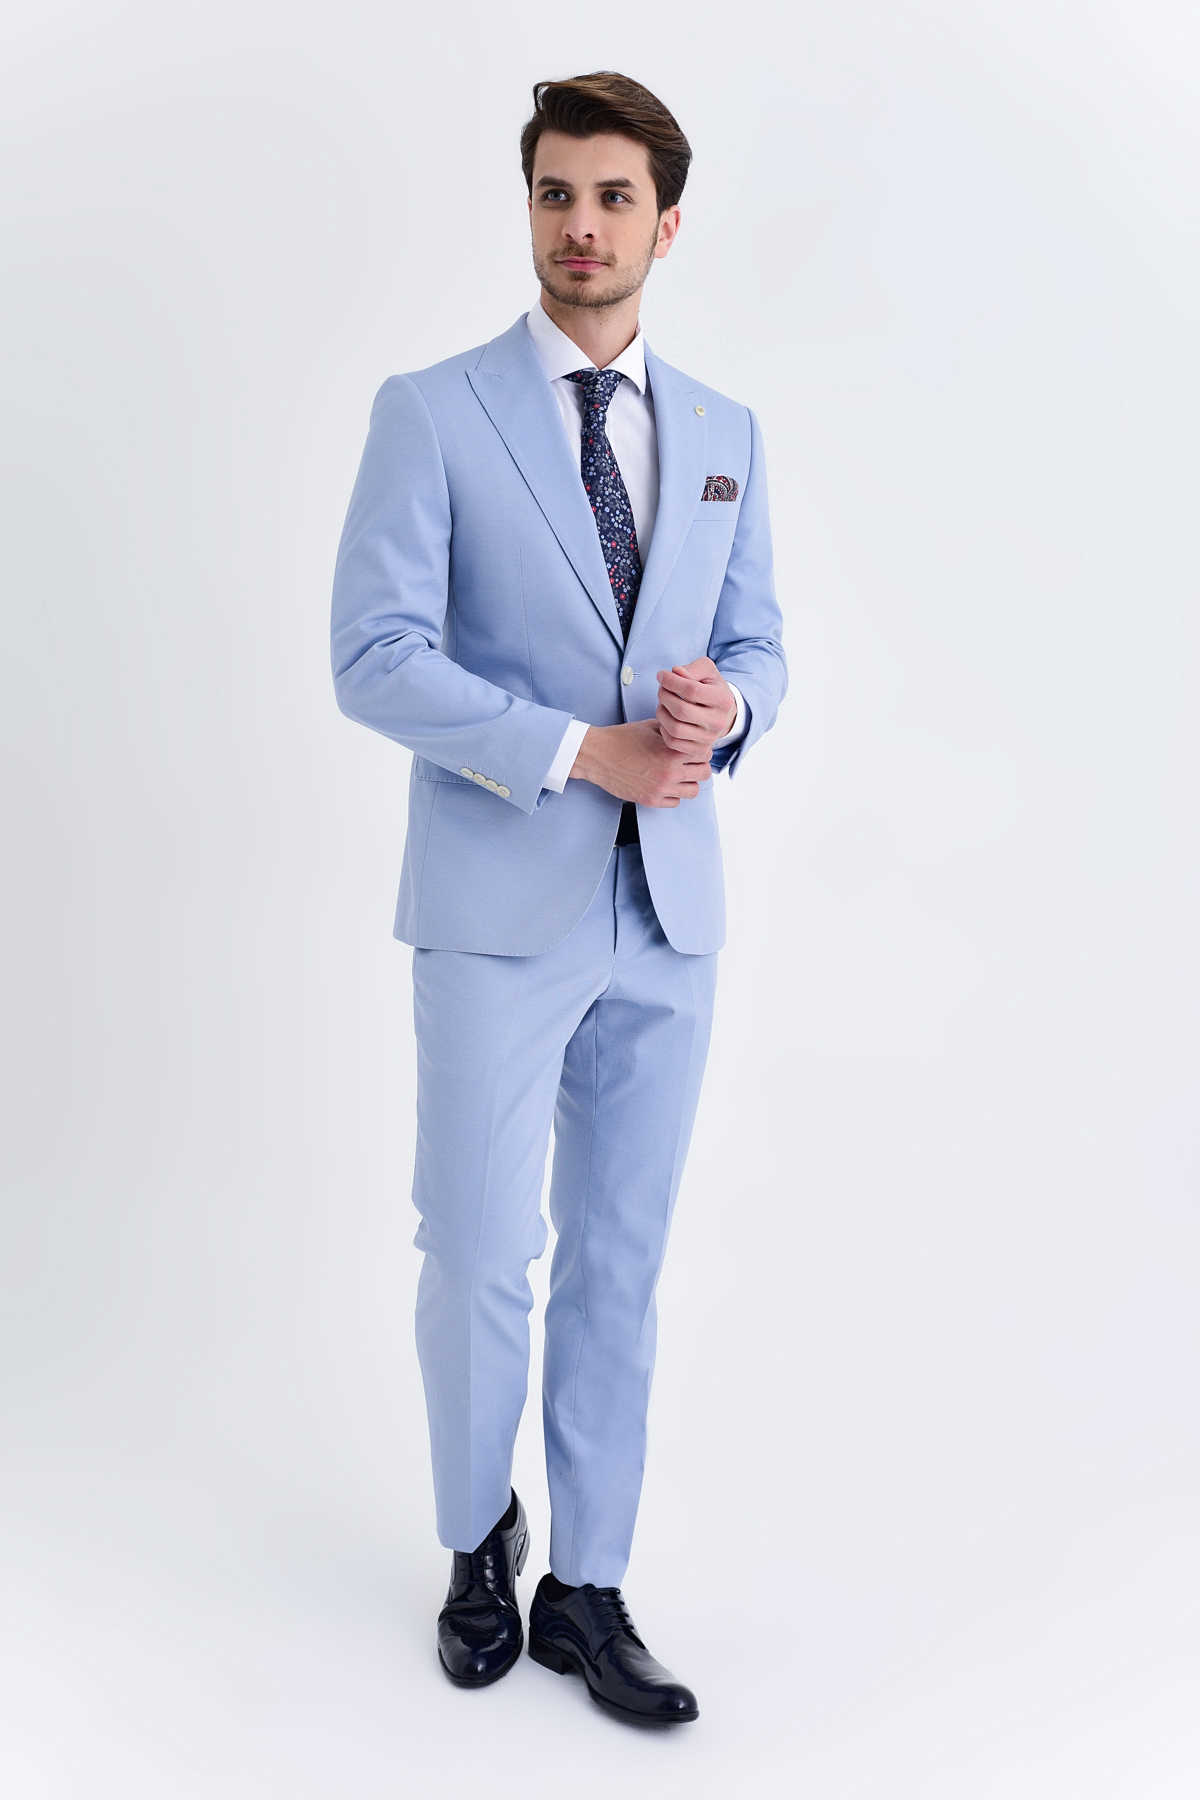 mavi takım elbise kravat kombinleri